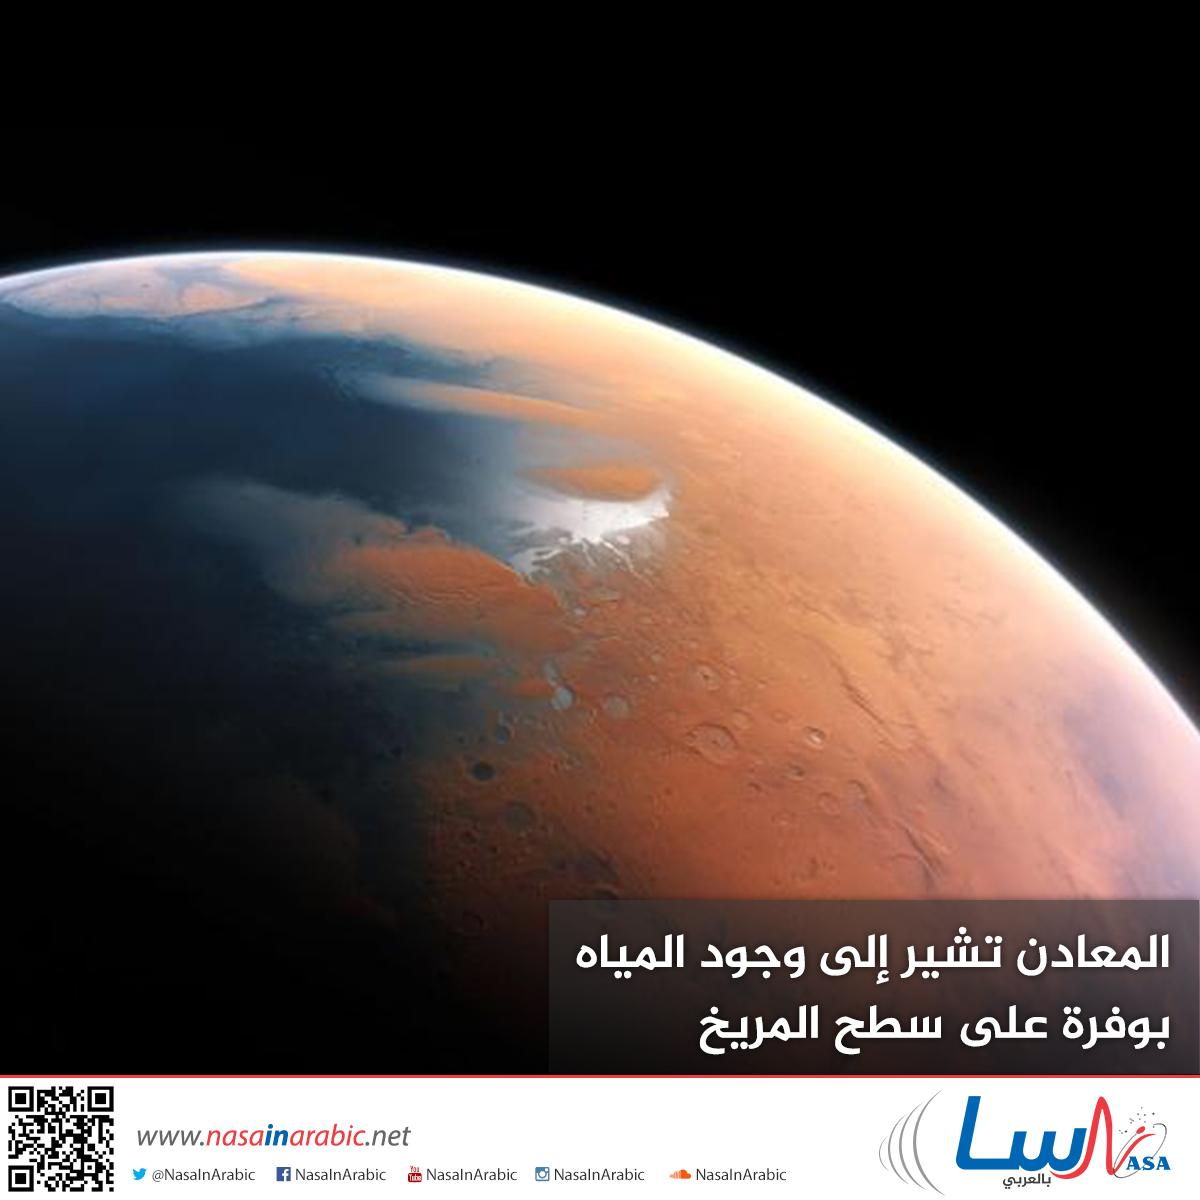 المعادن تشير إلى وجود المياه بوفرة على سطح المريخ